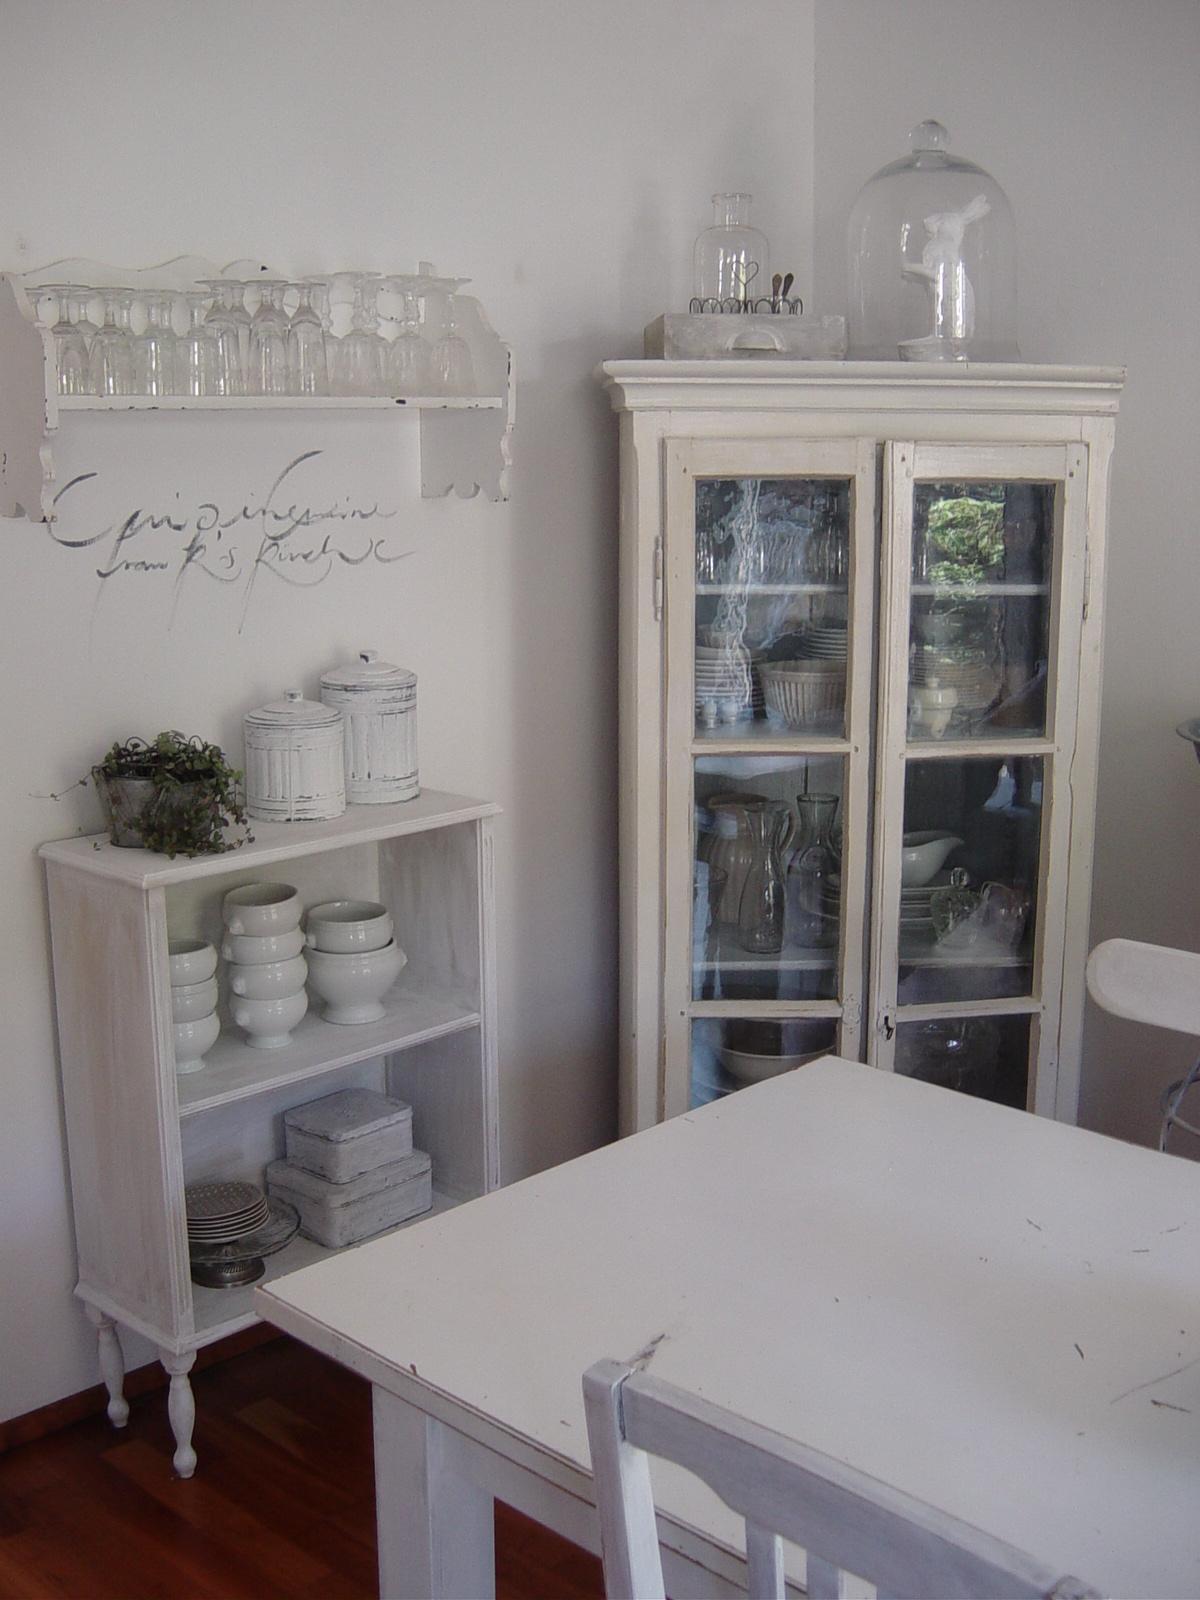 frau k shabby chic kleines s es regal. Black Bedroom Furniture Sets. Home Design Ideas